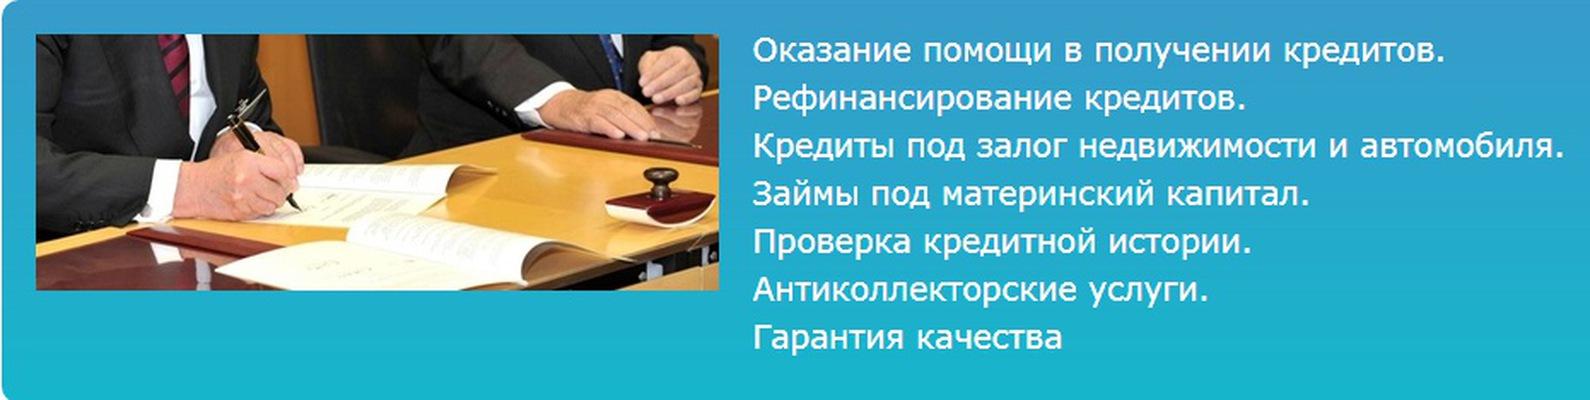 признался, что бюро кредитных решений отзывы художника Ольги